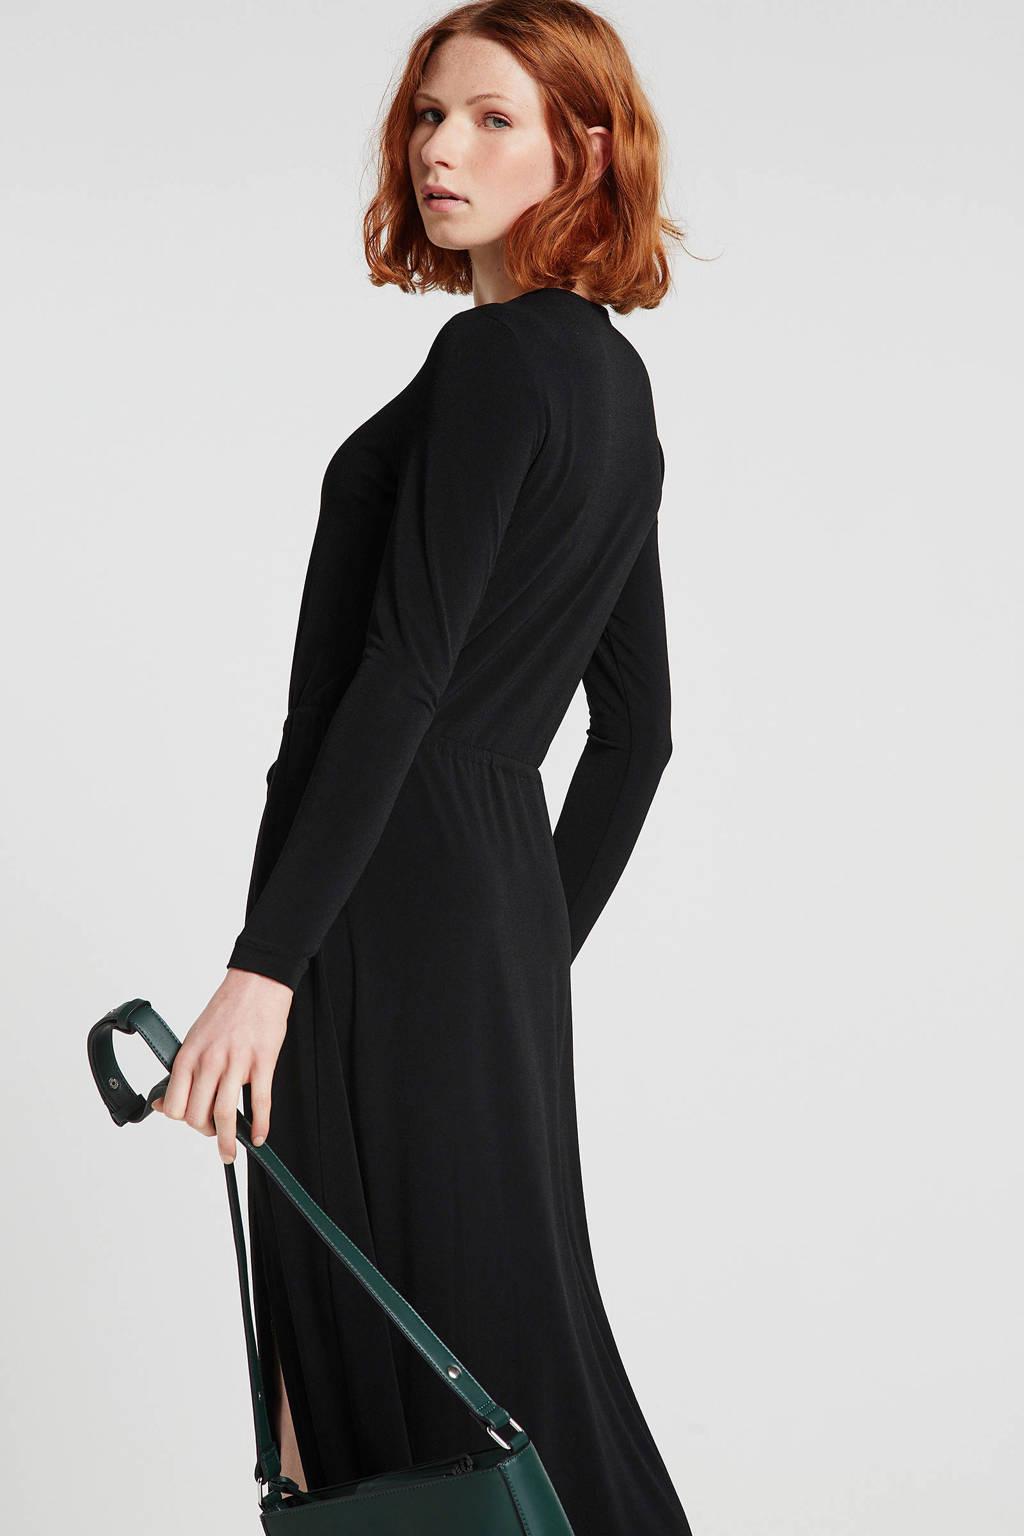 Inwear jersey jurk zwart, Zwart